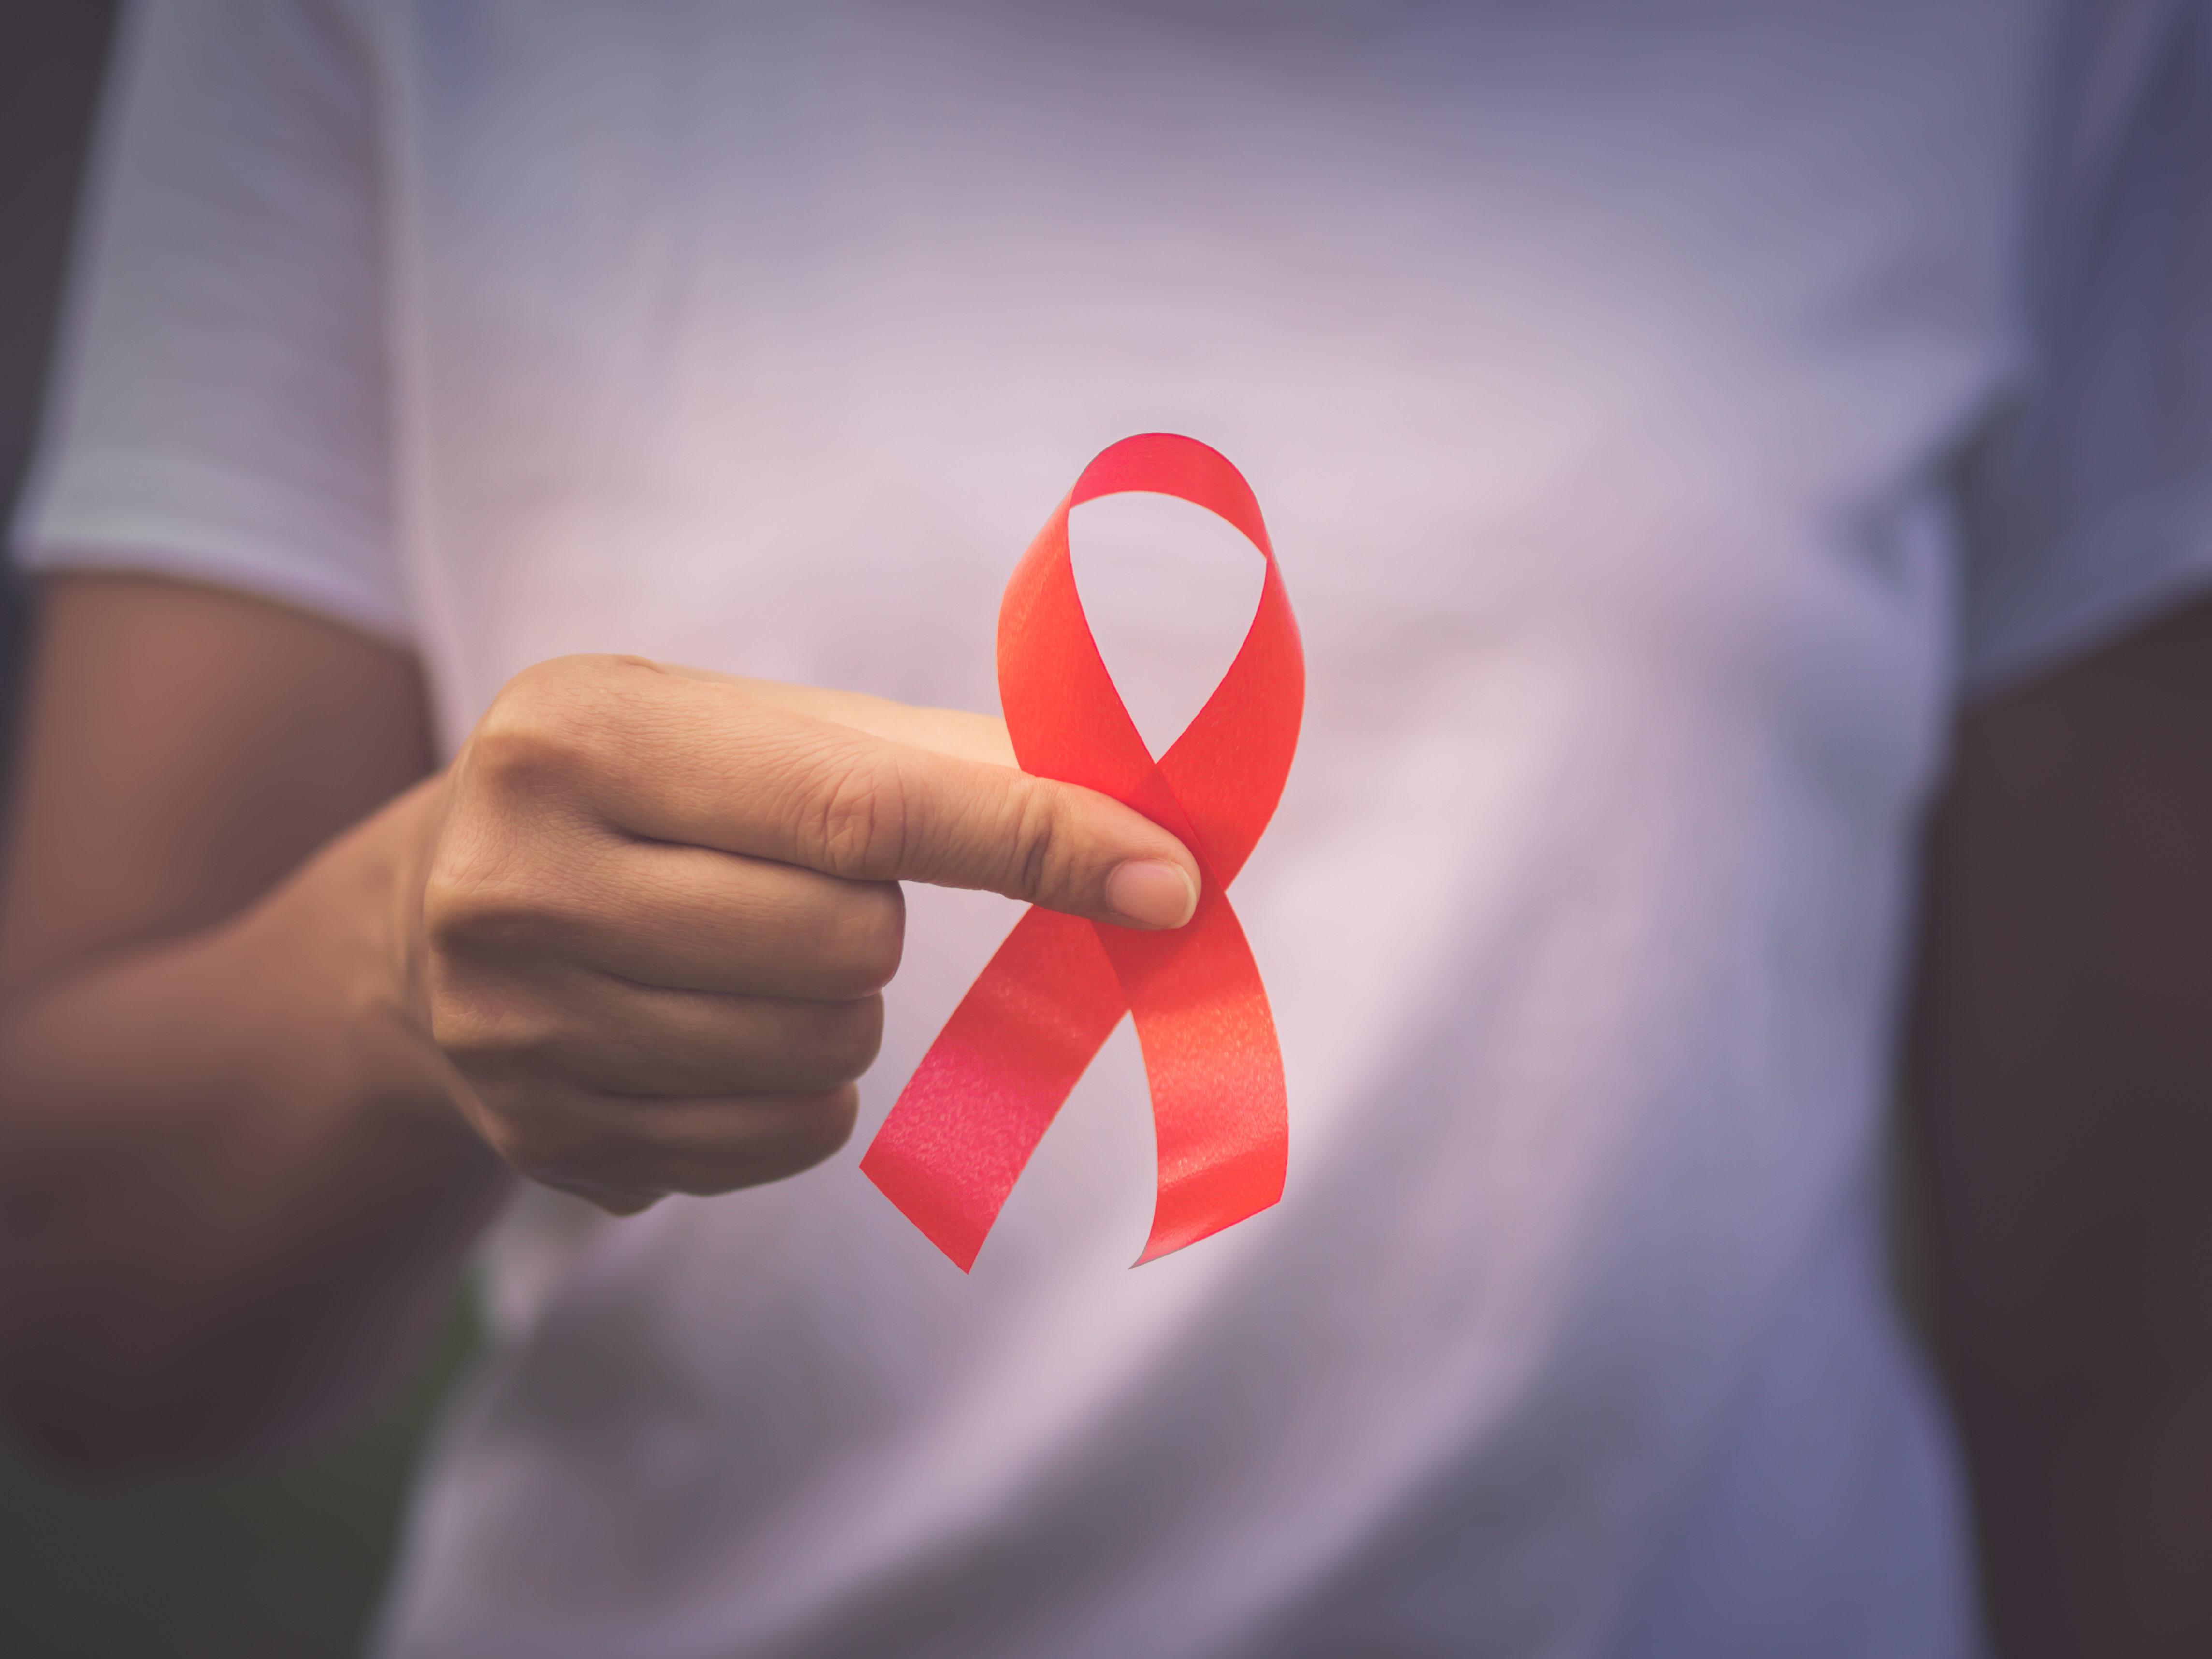 ΟΗΕ: Επικίνδυνος ο εφησυχασμός για την αντιμετώπιση του AIDS και του